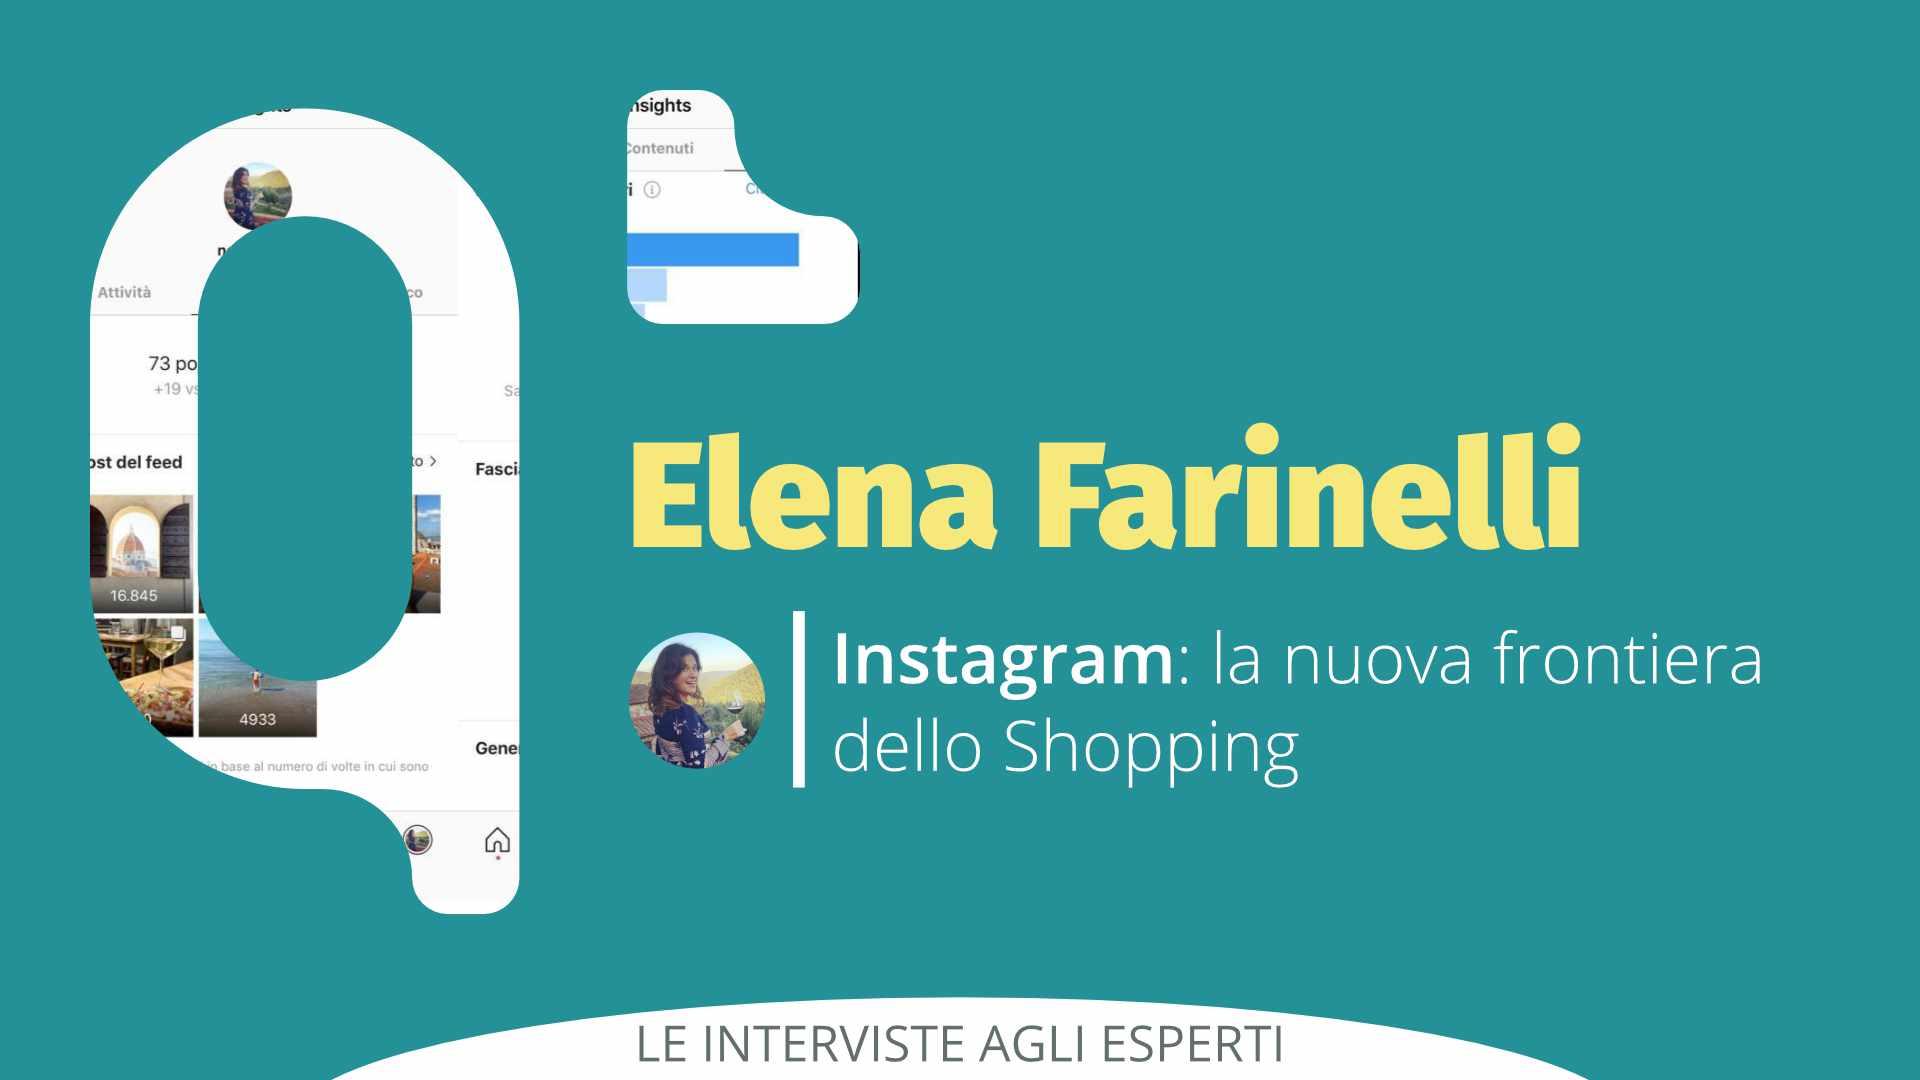 Elena Farinelli